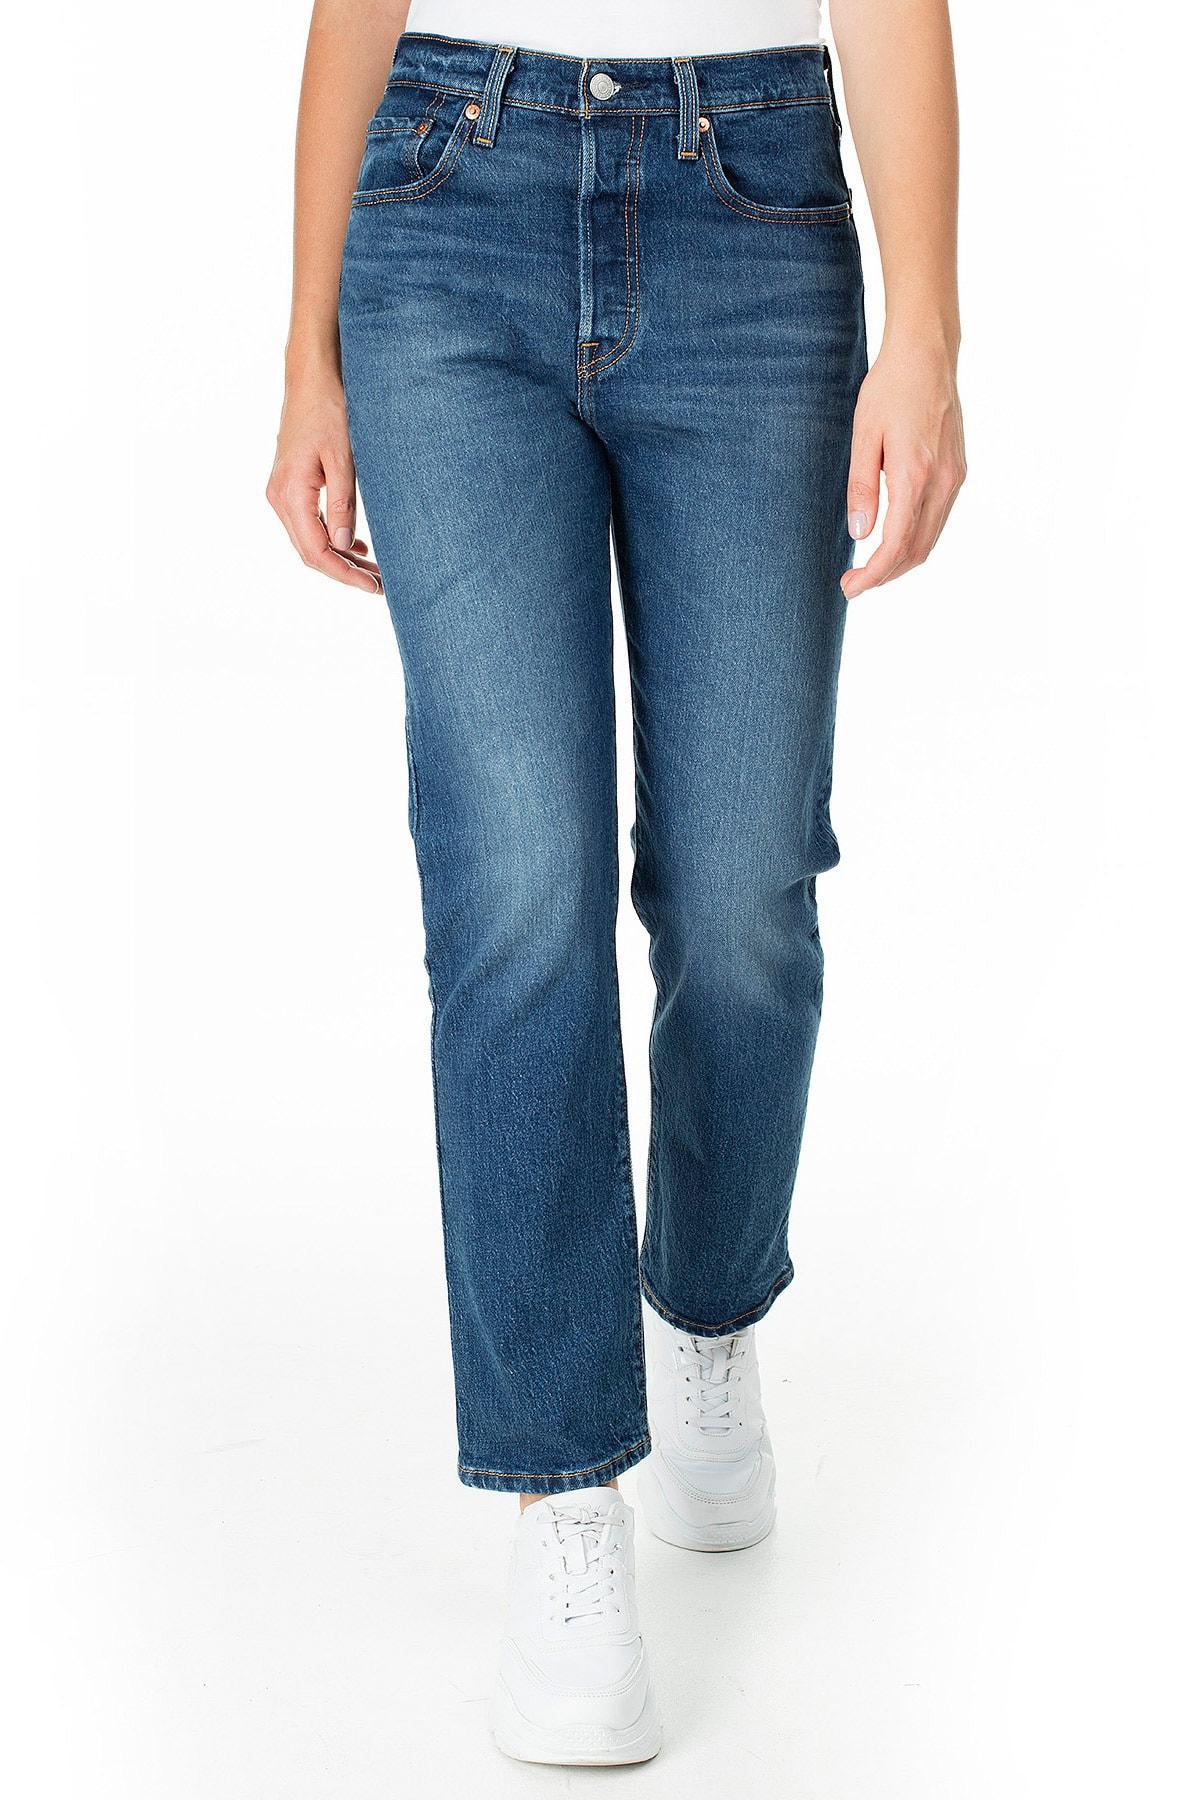 Levi's 501 Jeans KADIN KOT PANTOLON 36200 1